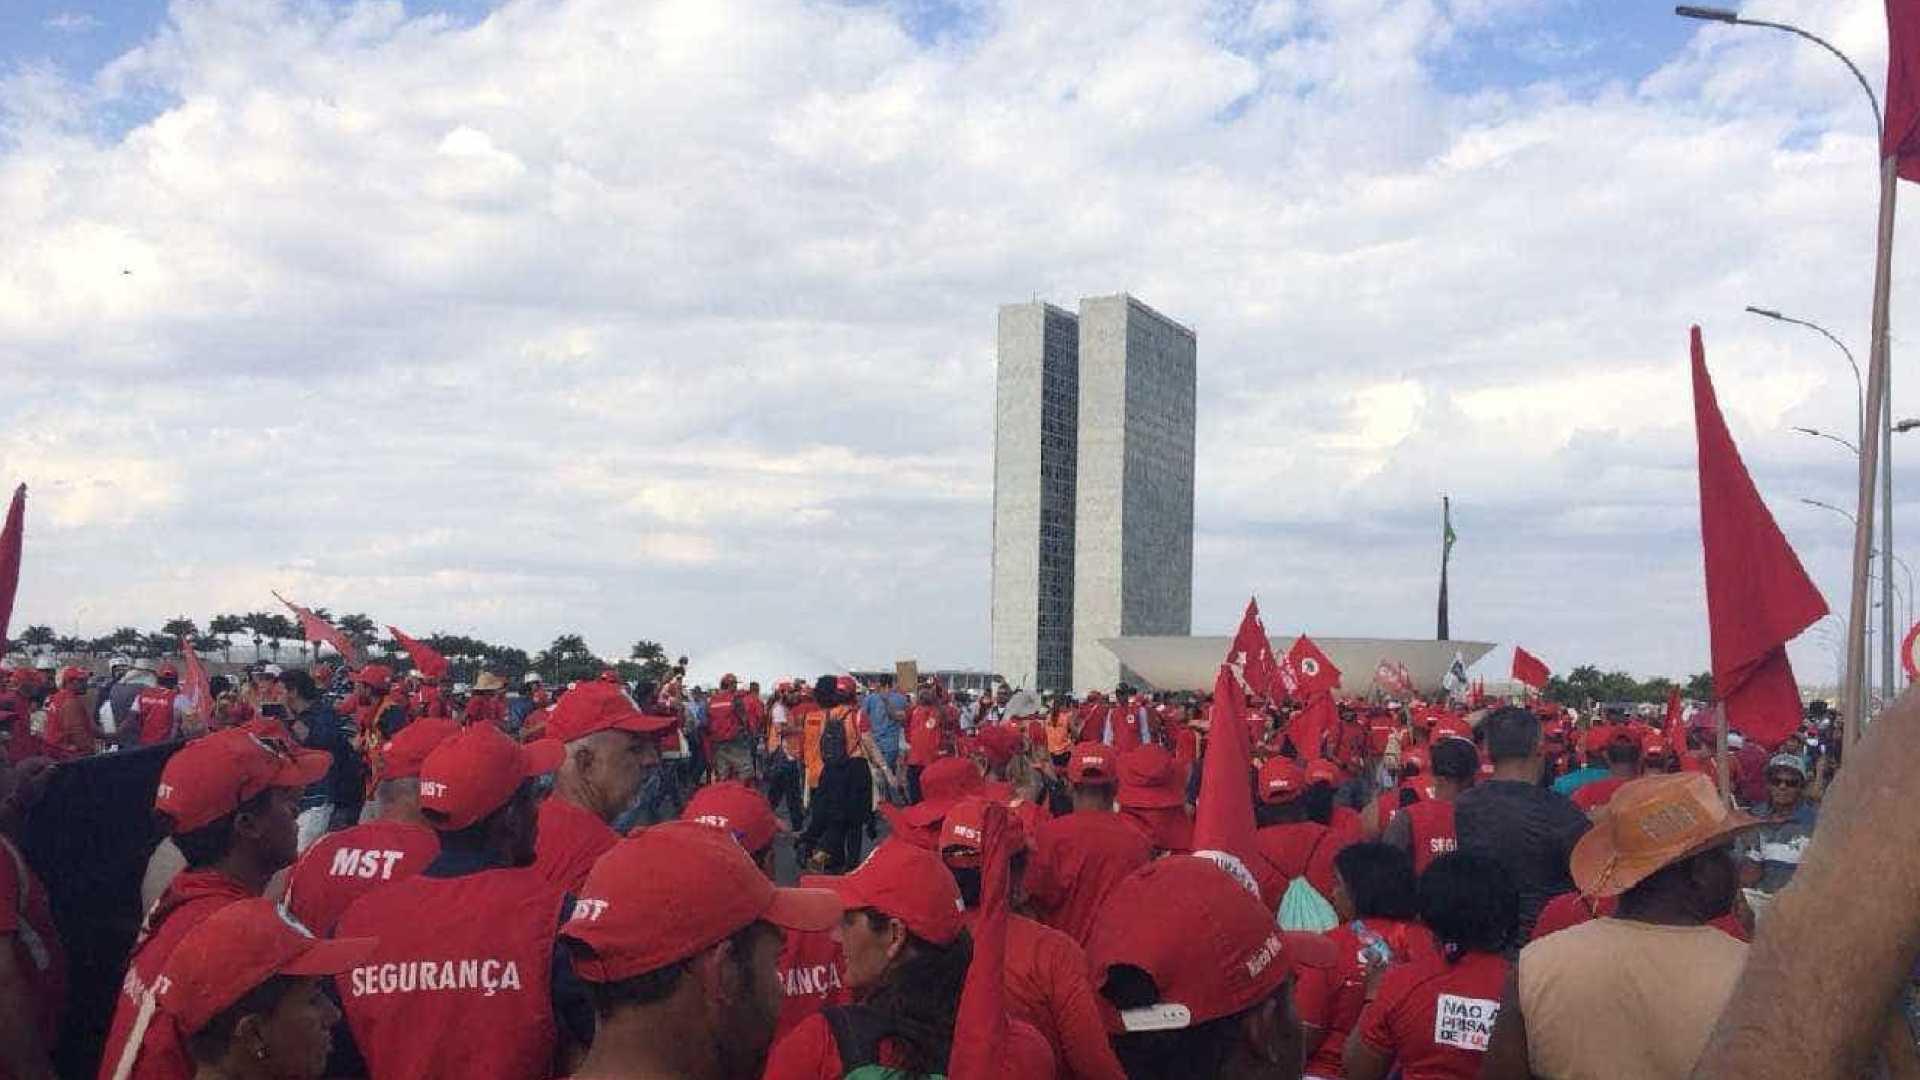 naom 5b7476af72b8c - Protesto a favor de Lula bloqueia eixo da Esplanada dos Ministérios